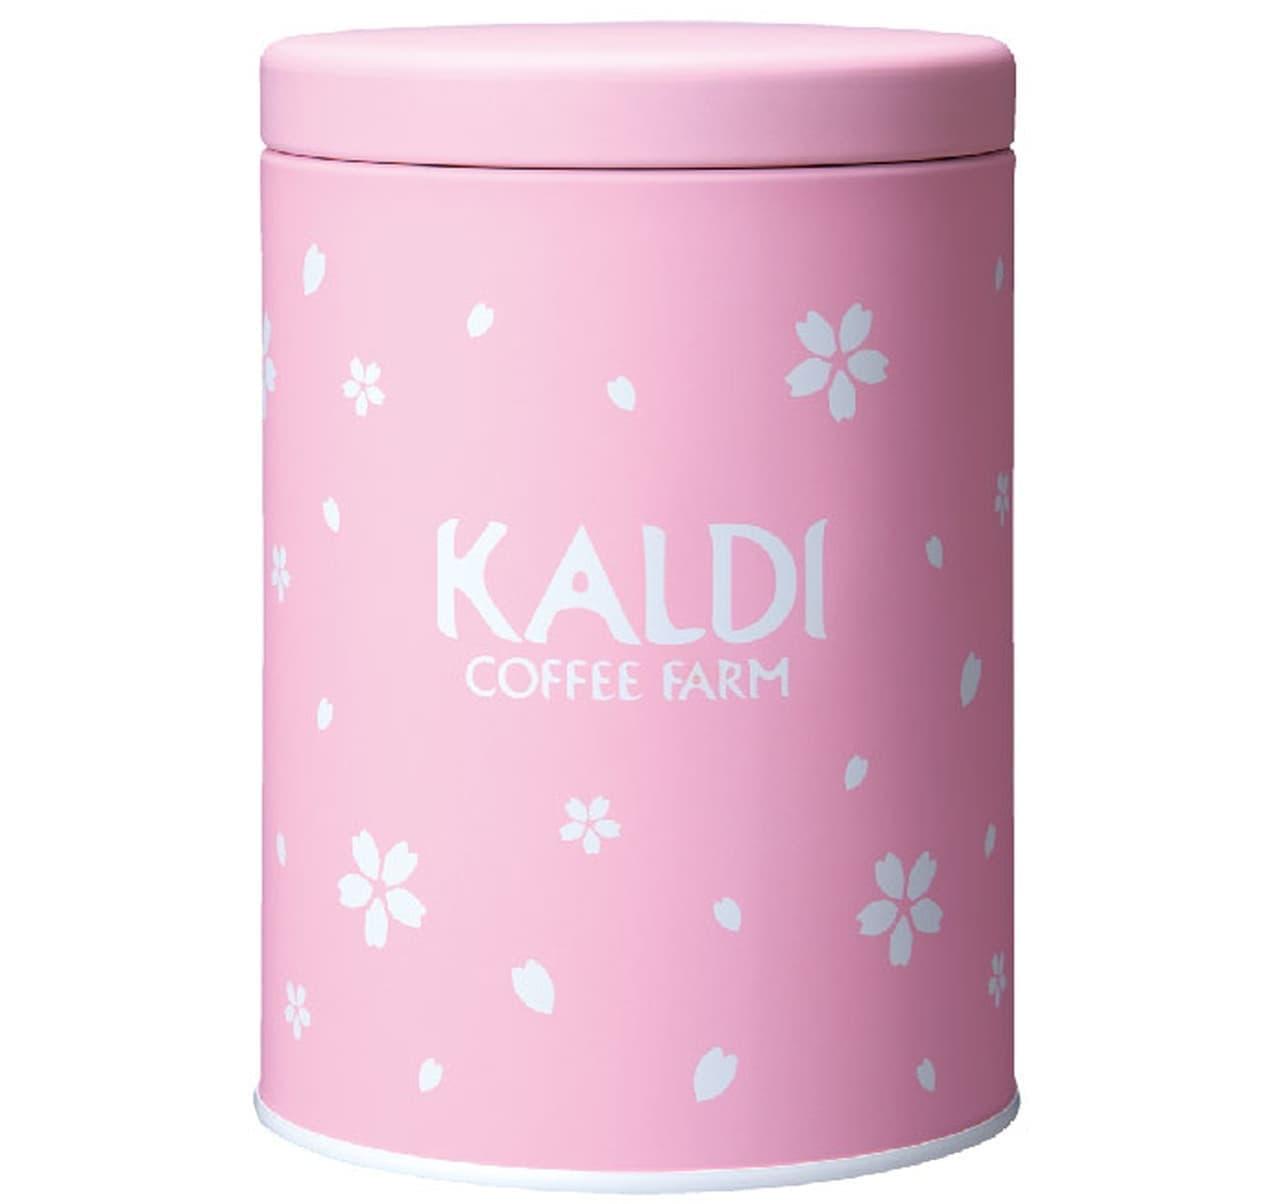 カルディ「春のキャニスター缶セット」数量限定で